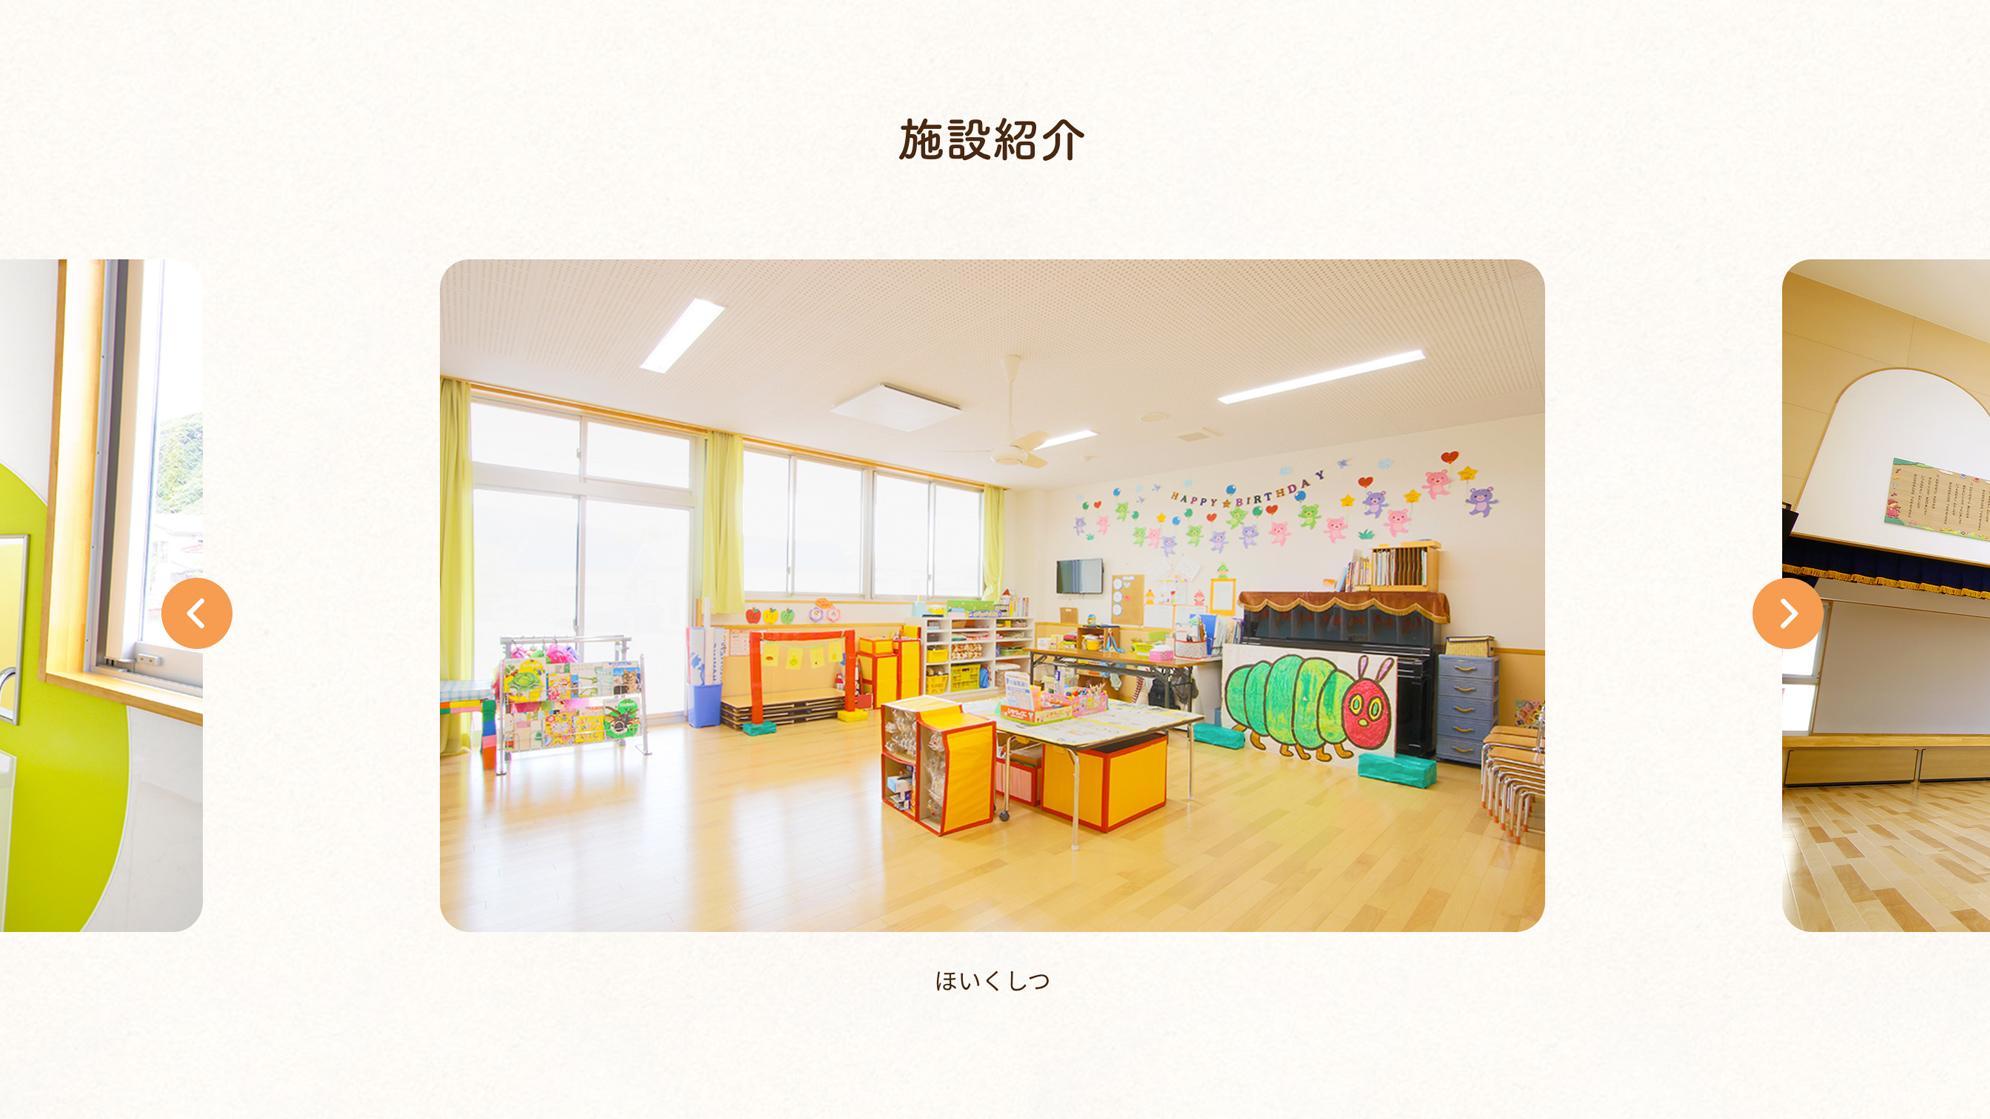 認定こども園 土屋幼稚園・保育園PCのイメージ